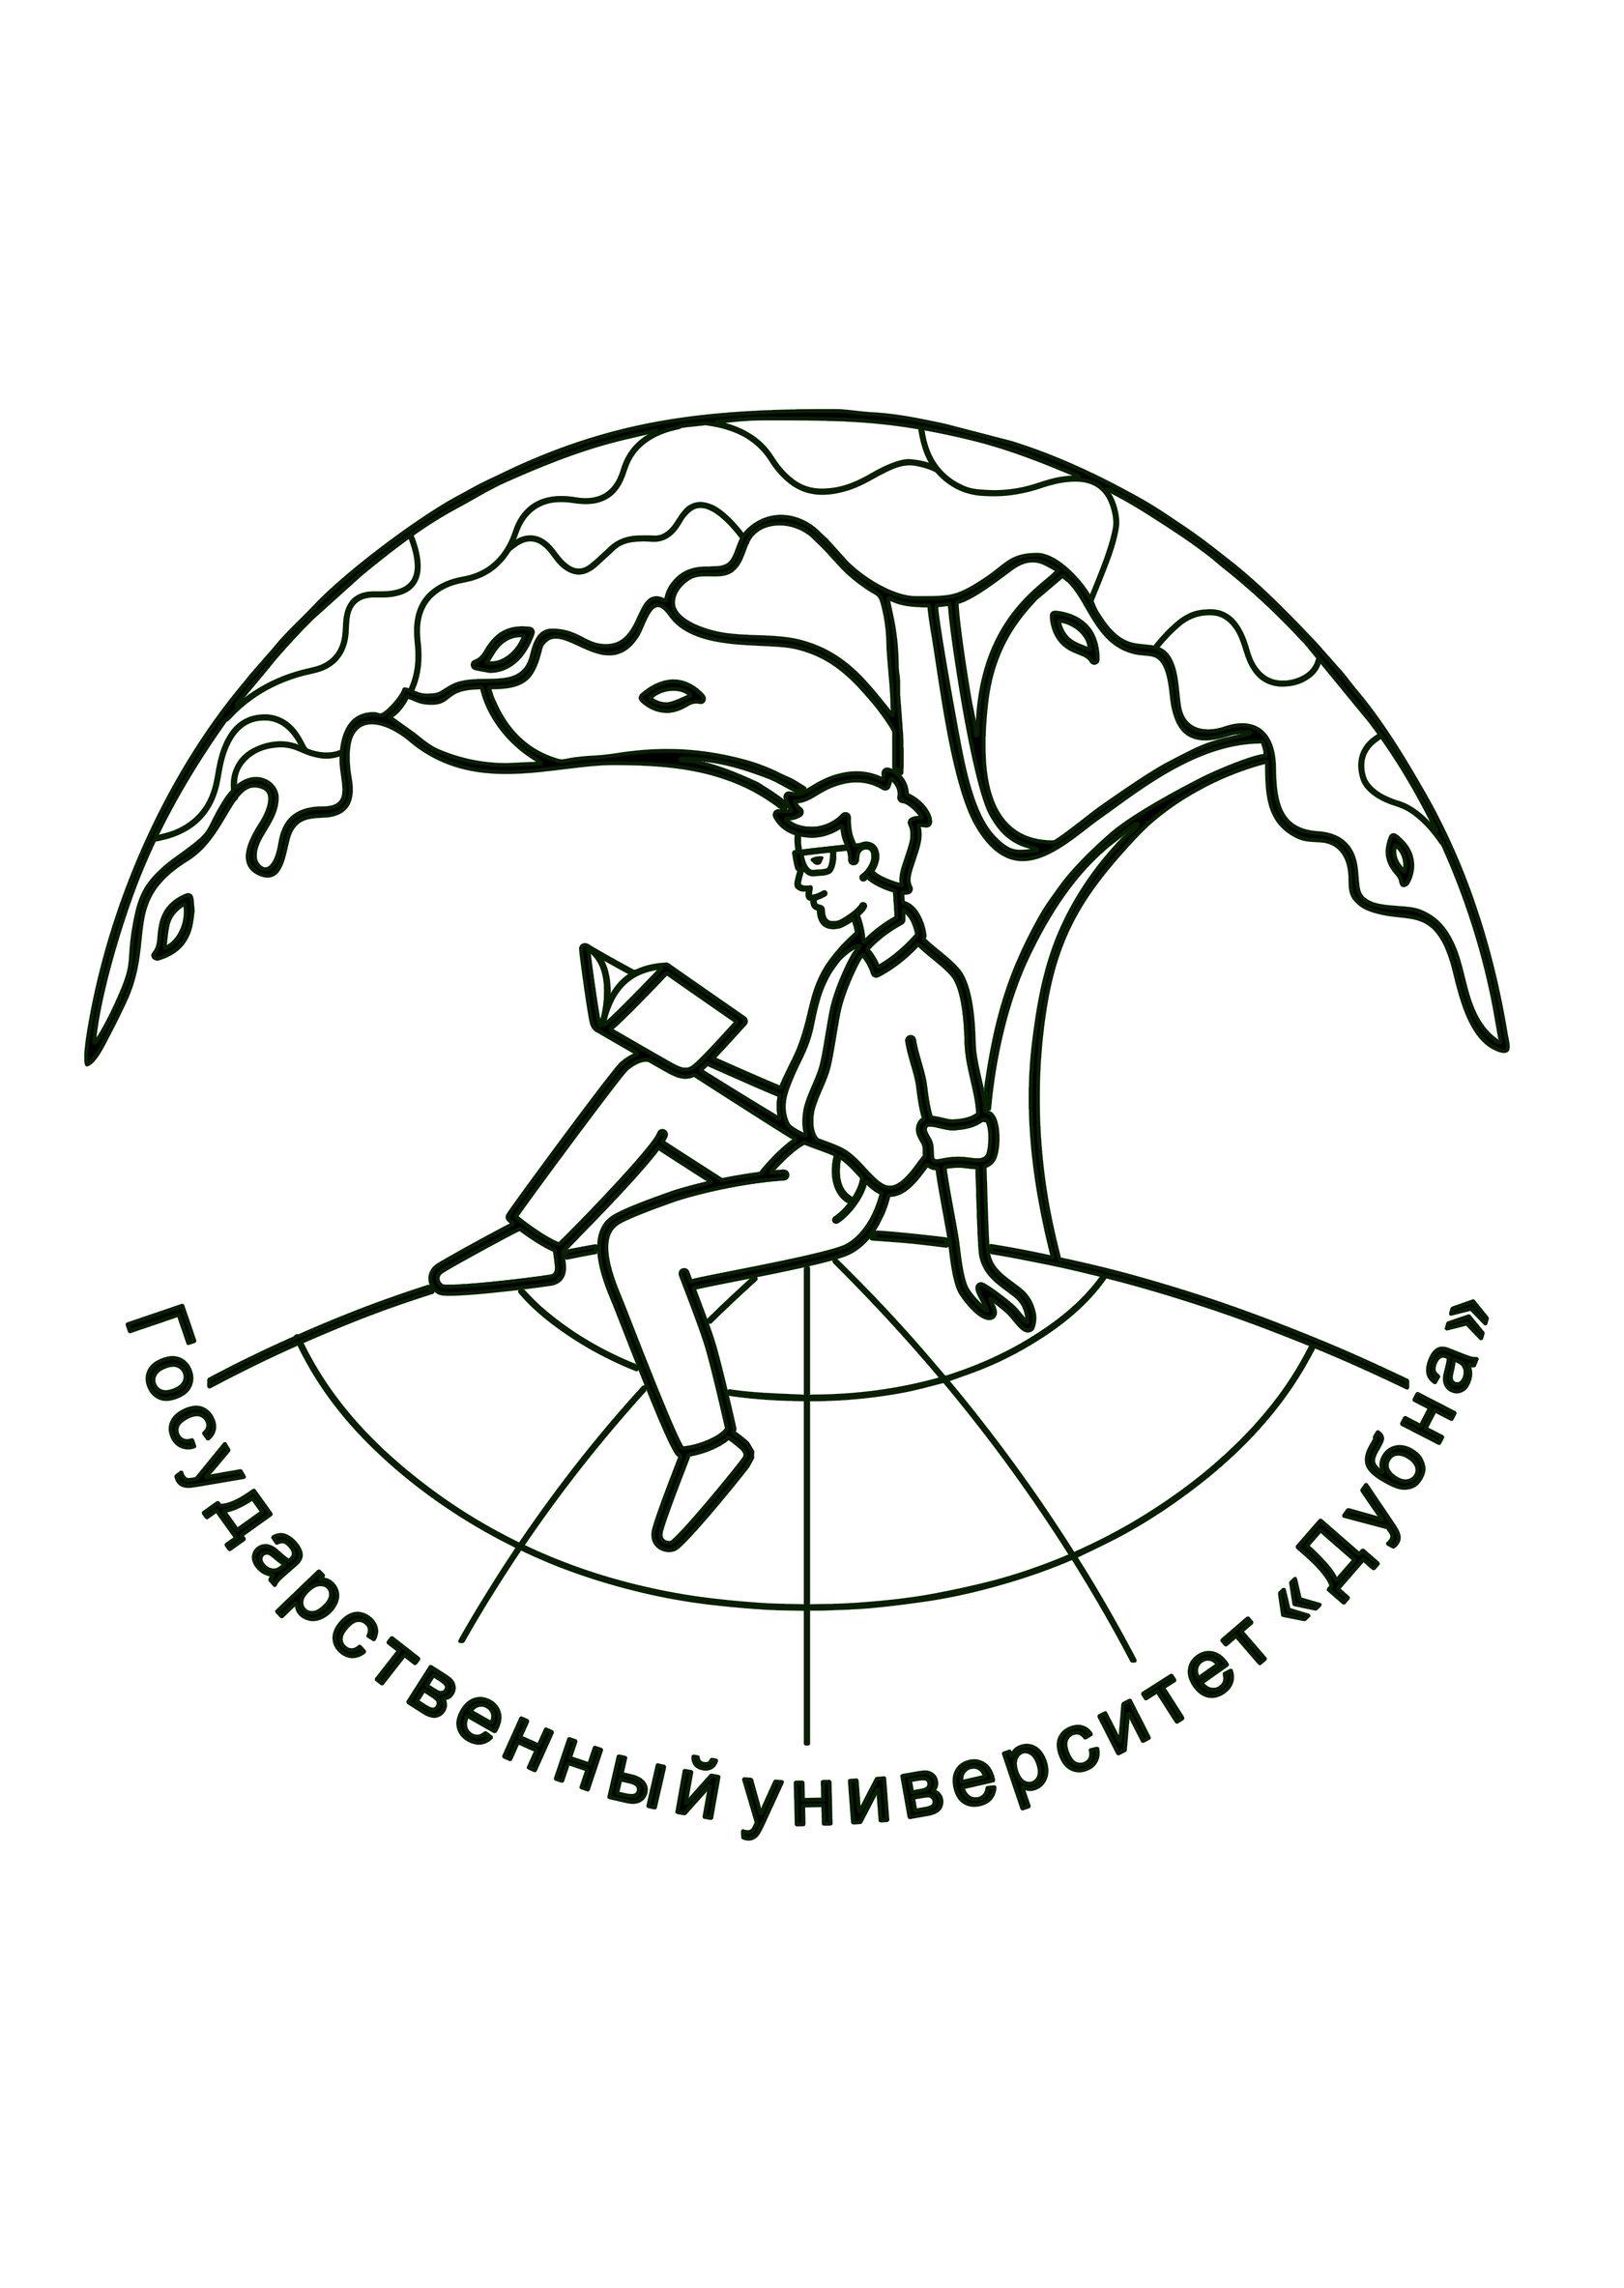 III ВСЕРОССИЙСКАЯ НАУЧНО-ПРАКТИЧЕСКАЯ КОНФЕРЕНЦИЯ «ПРИРОДА, ОБЩЕСТВО, ЧЕЛОВЕК». 9 – 11 НОЯБРЯ 2017 г.